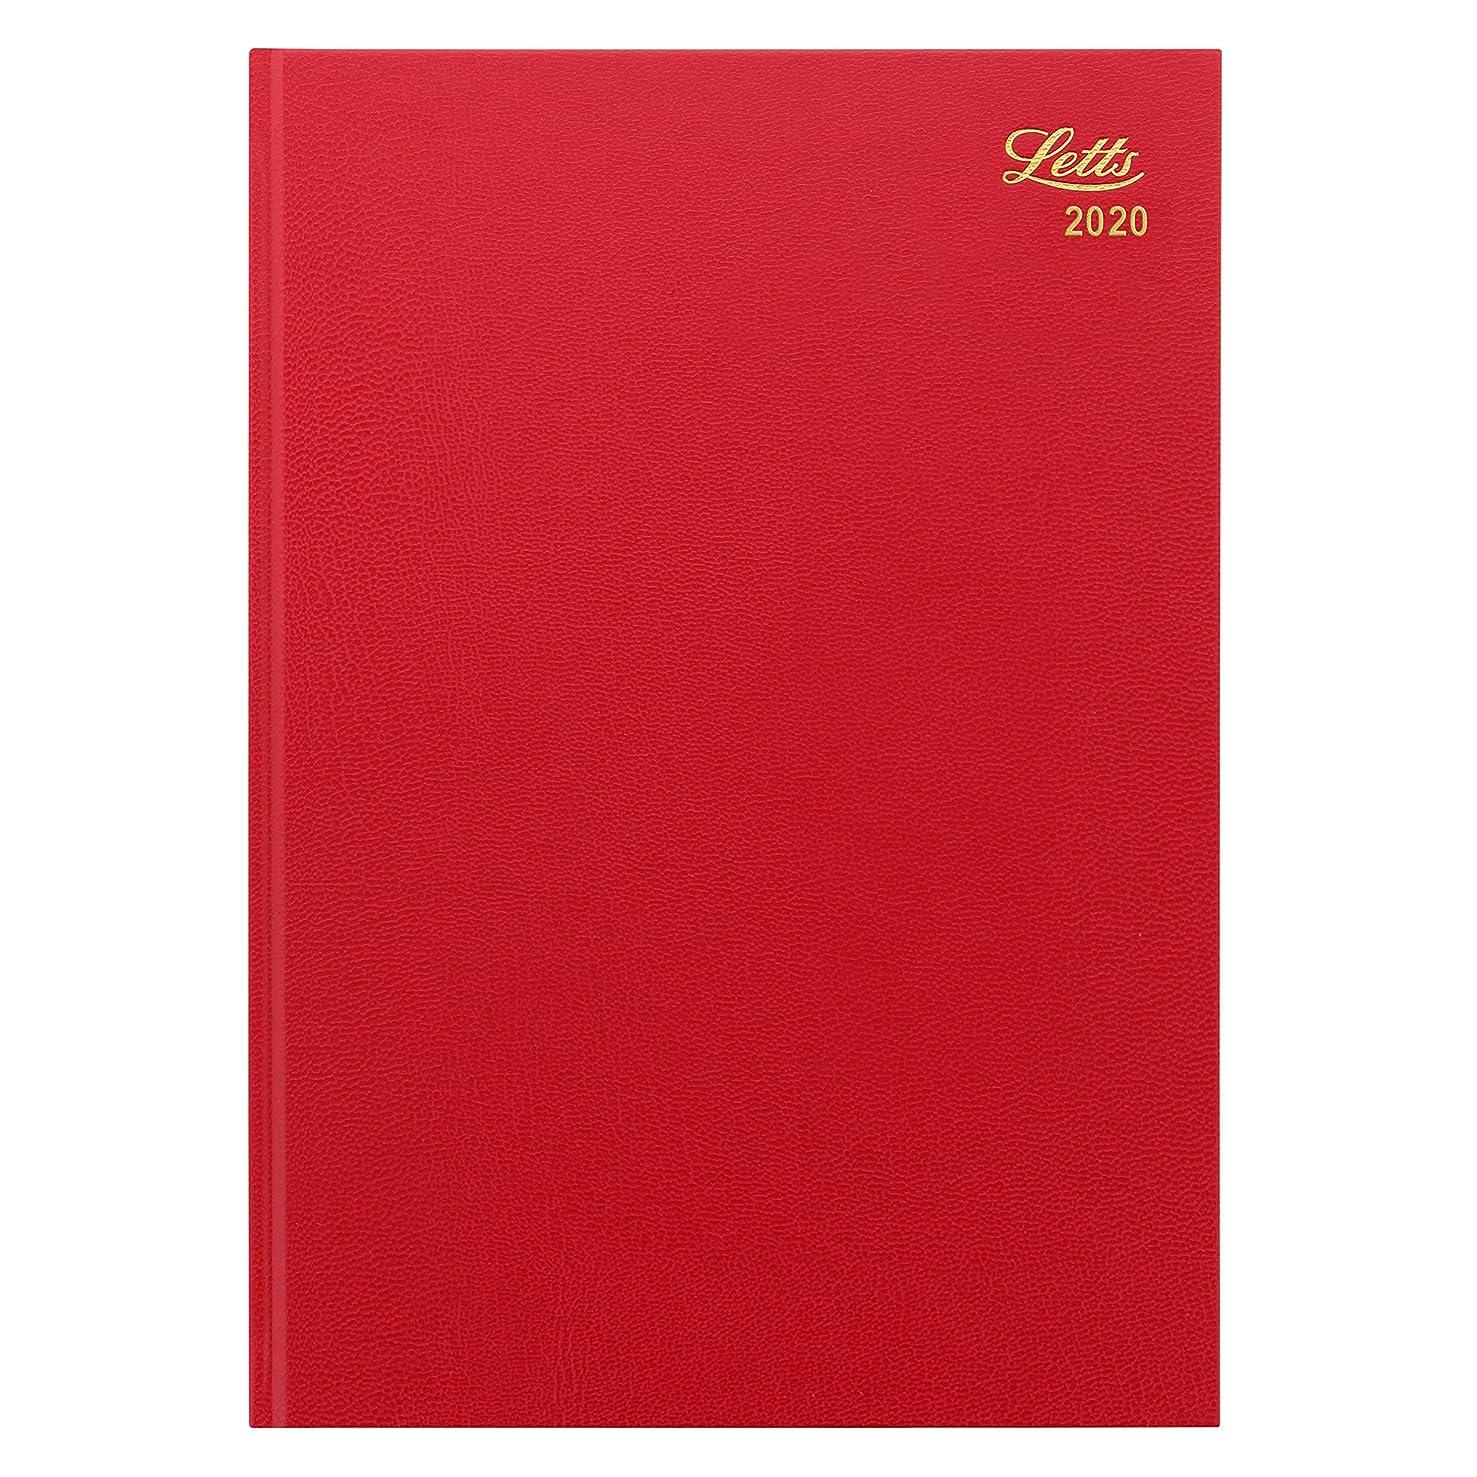 晴れ現代の冷ややかなレッツ 手帳 2020年 1月始まり A4 デイリー スタンダード レッド 20-T11ZRD 正規輸入品